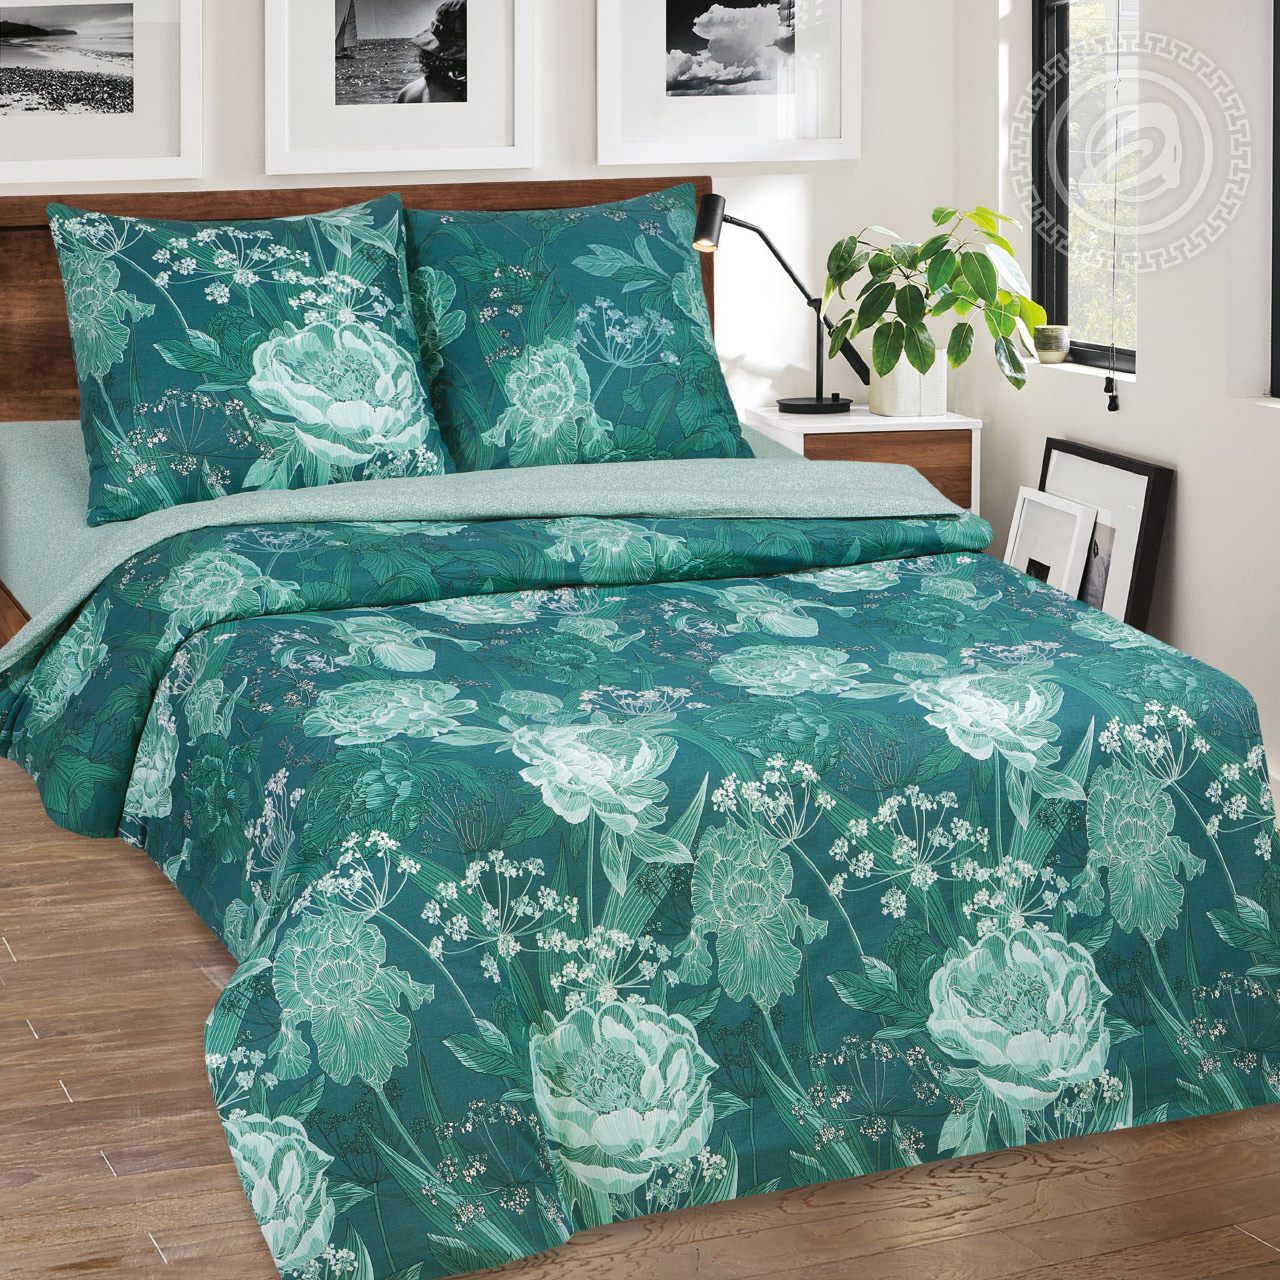 цена Постельное белье iv59284 (поплин) (1,5 спальный) онлайн в 2017 году